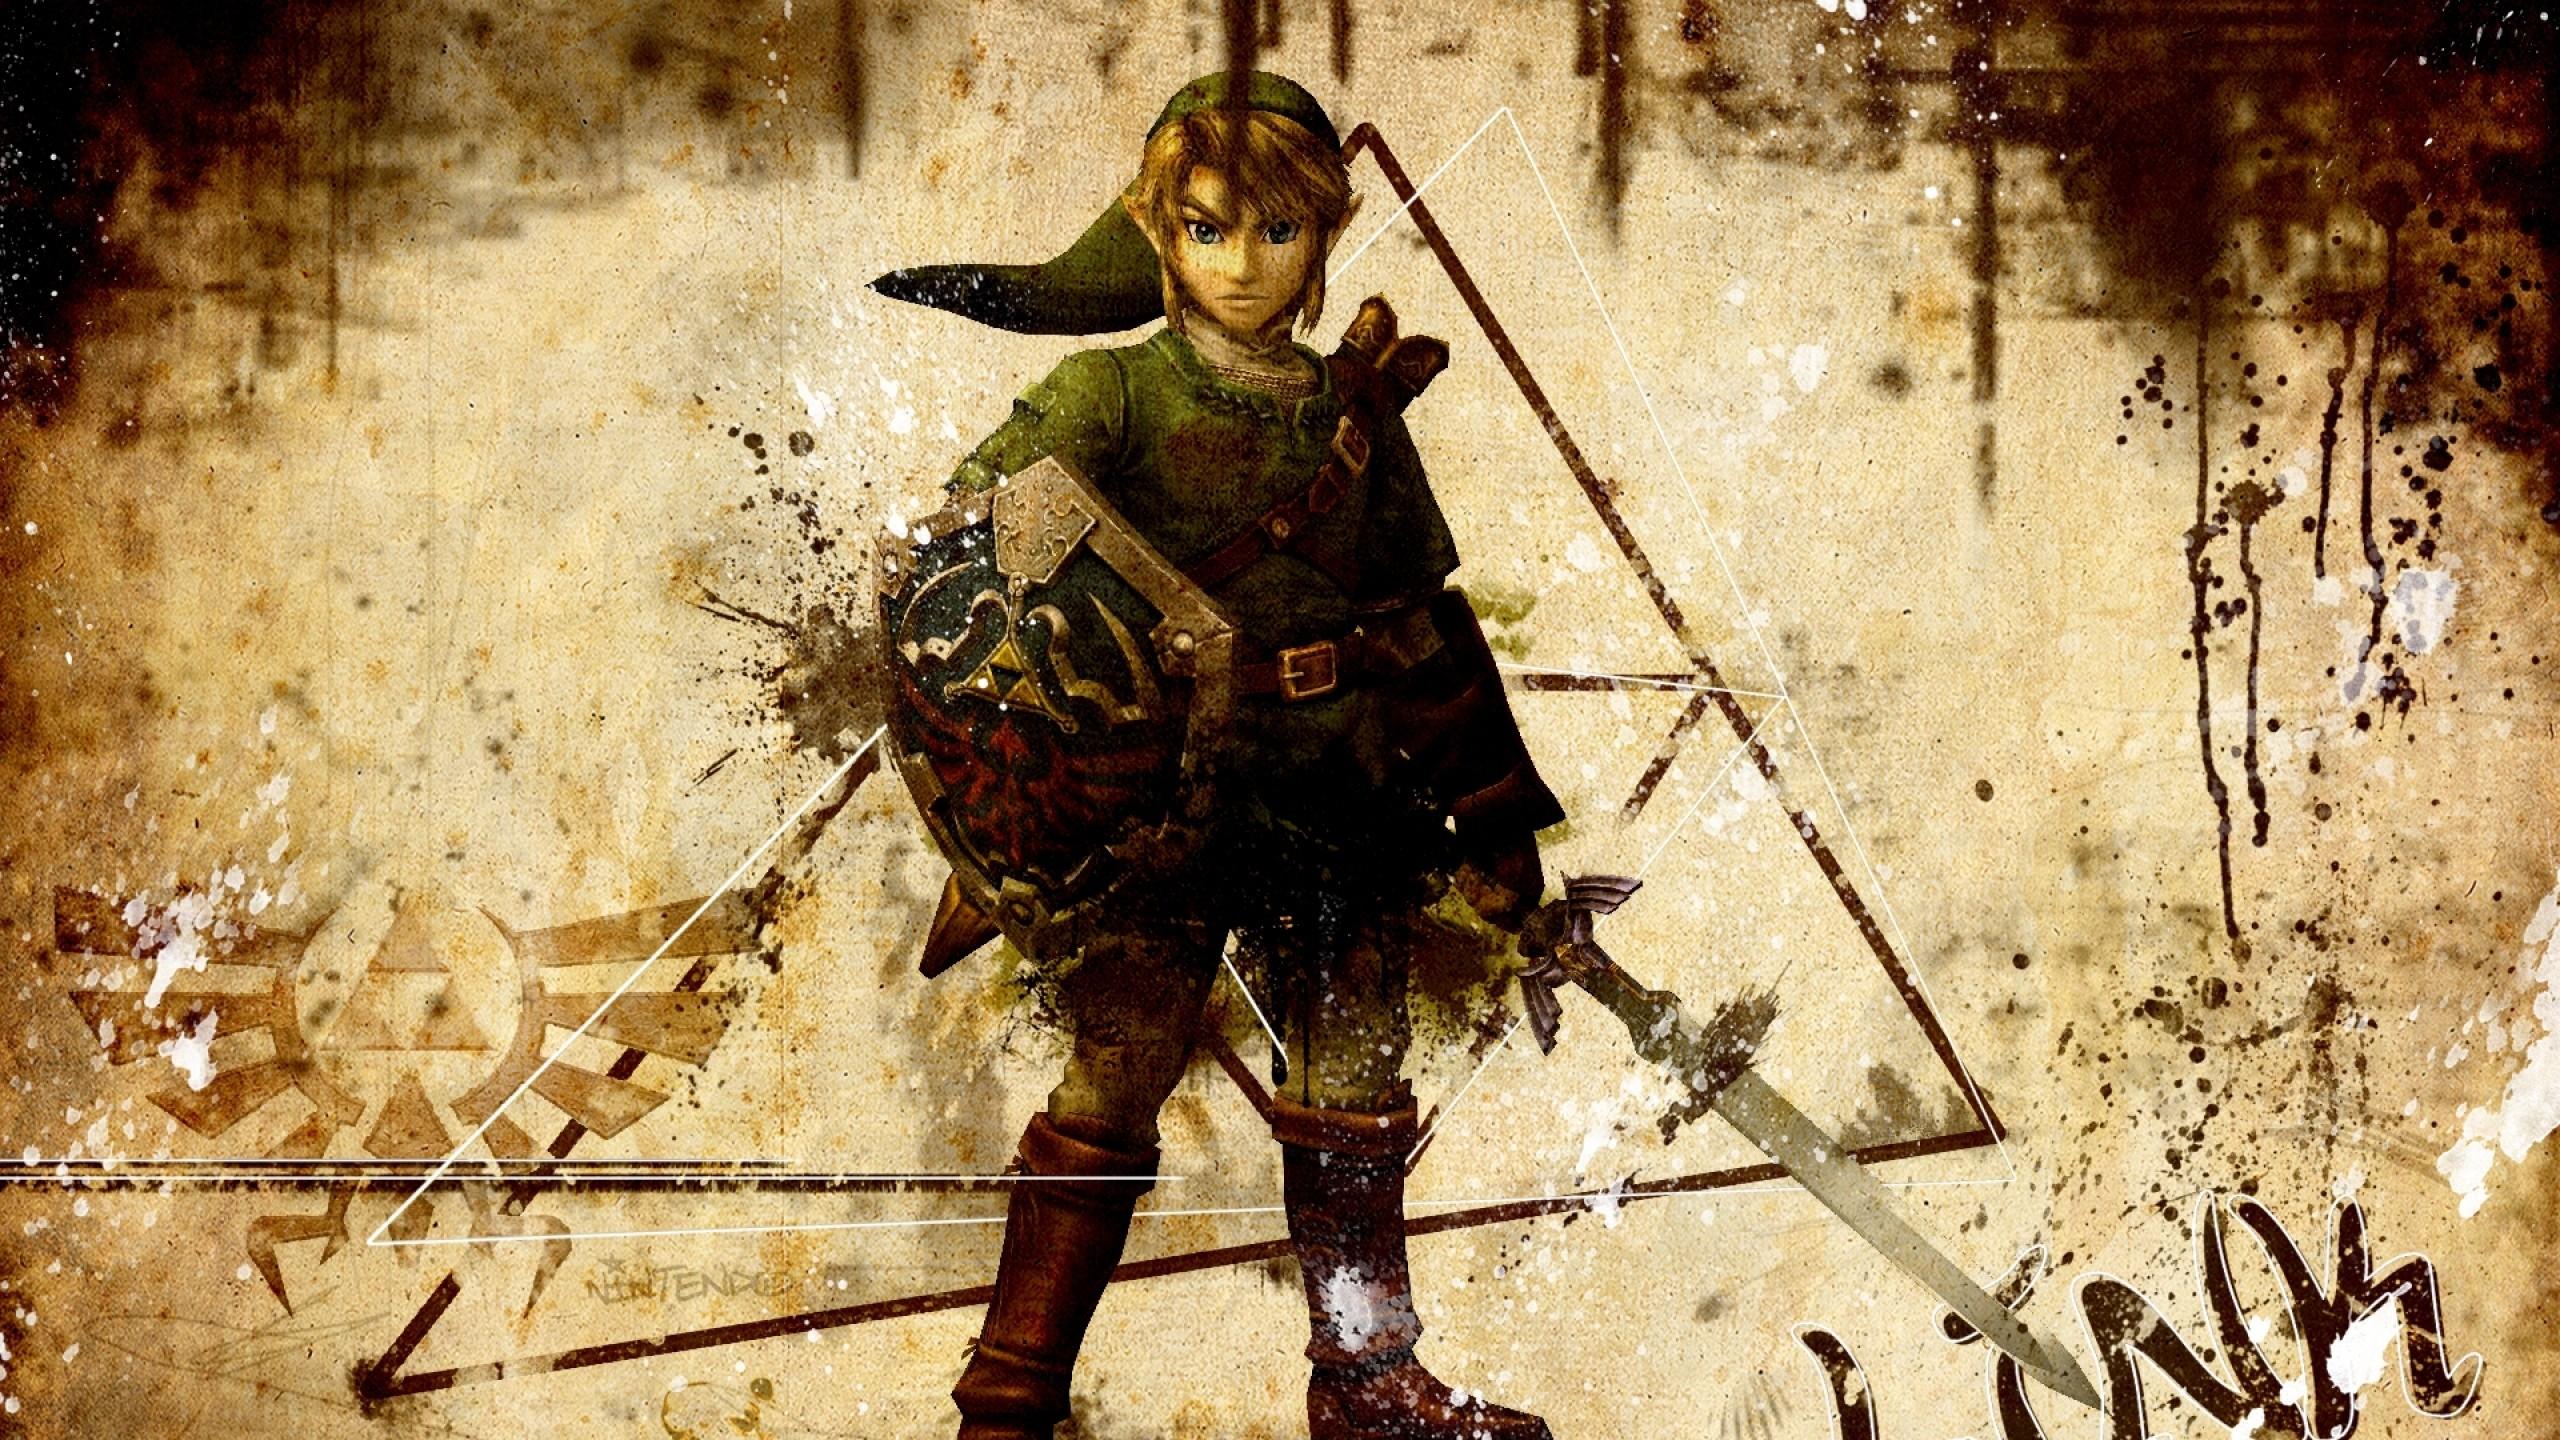 Preview wallpaper the legend of zelda, character, arm, sword, look, zelda